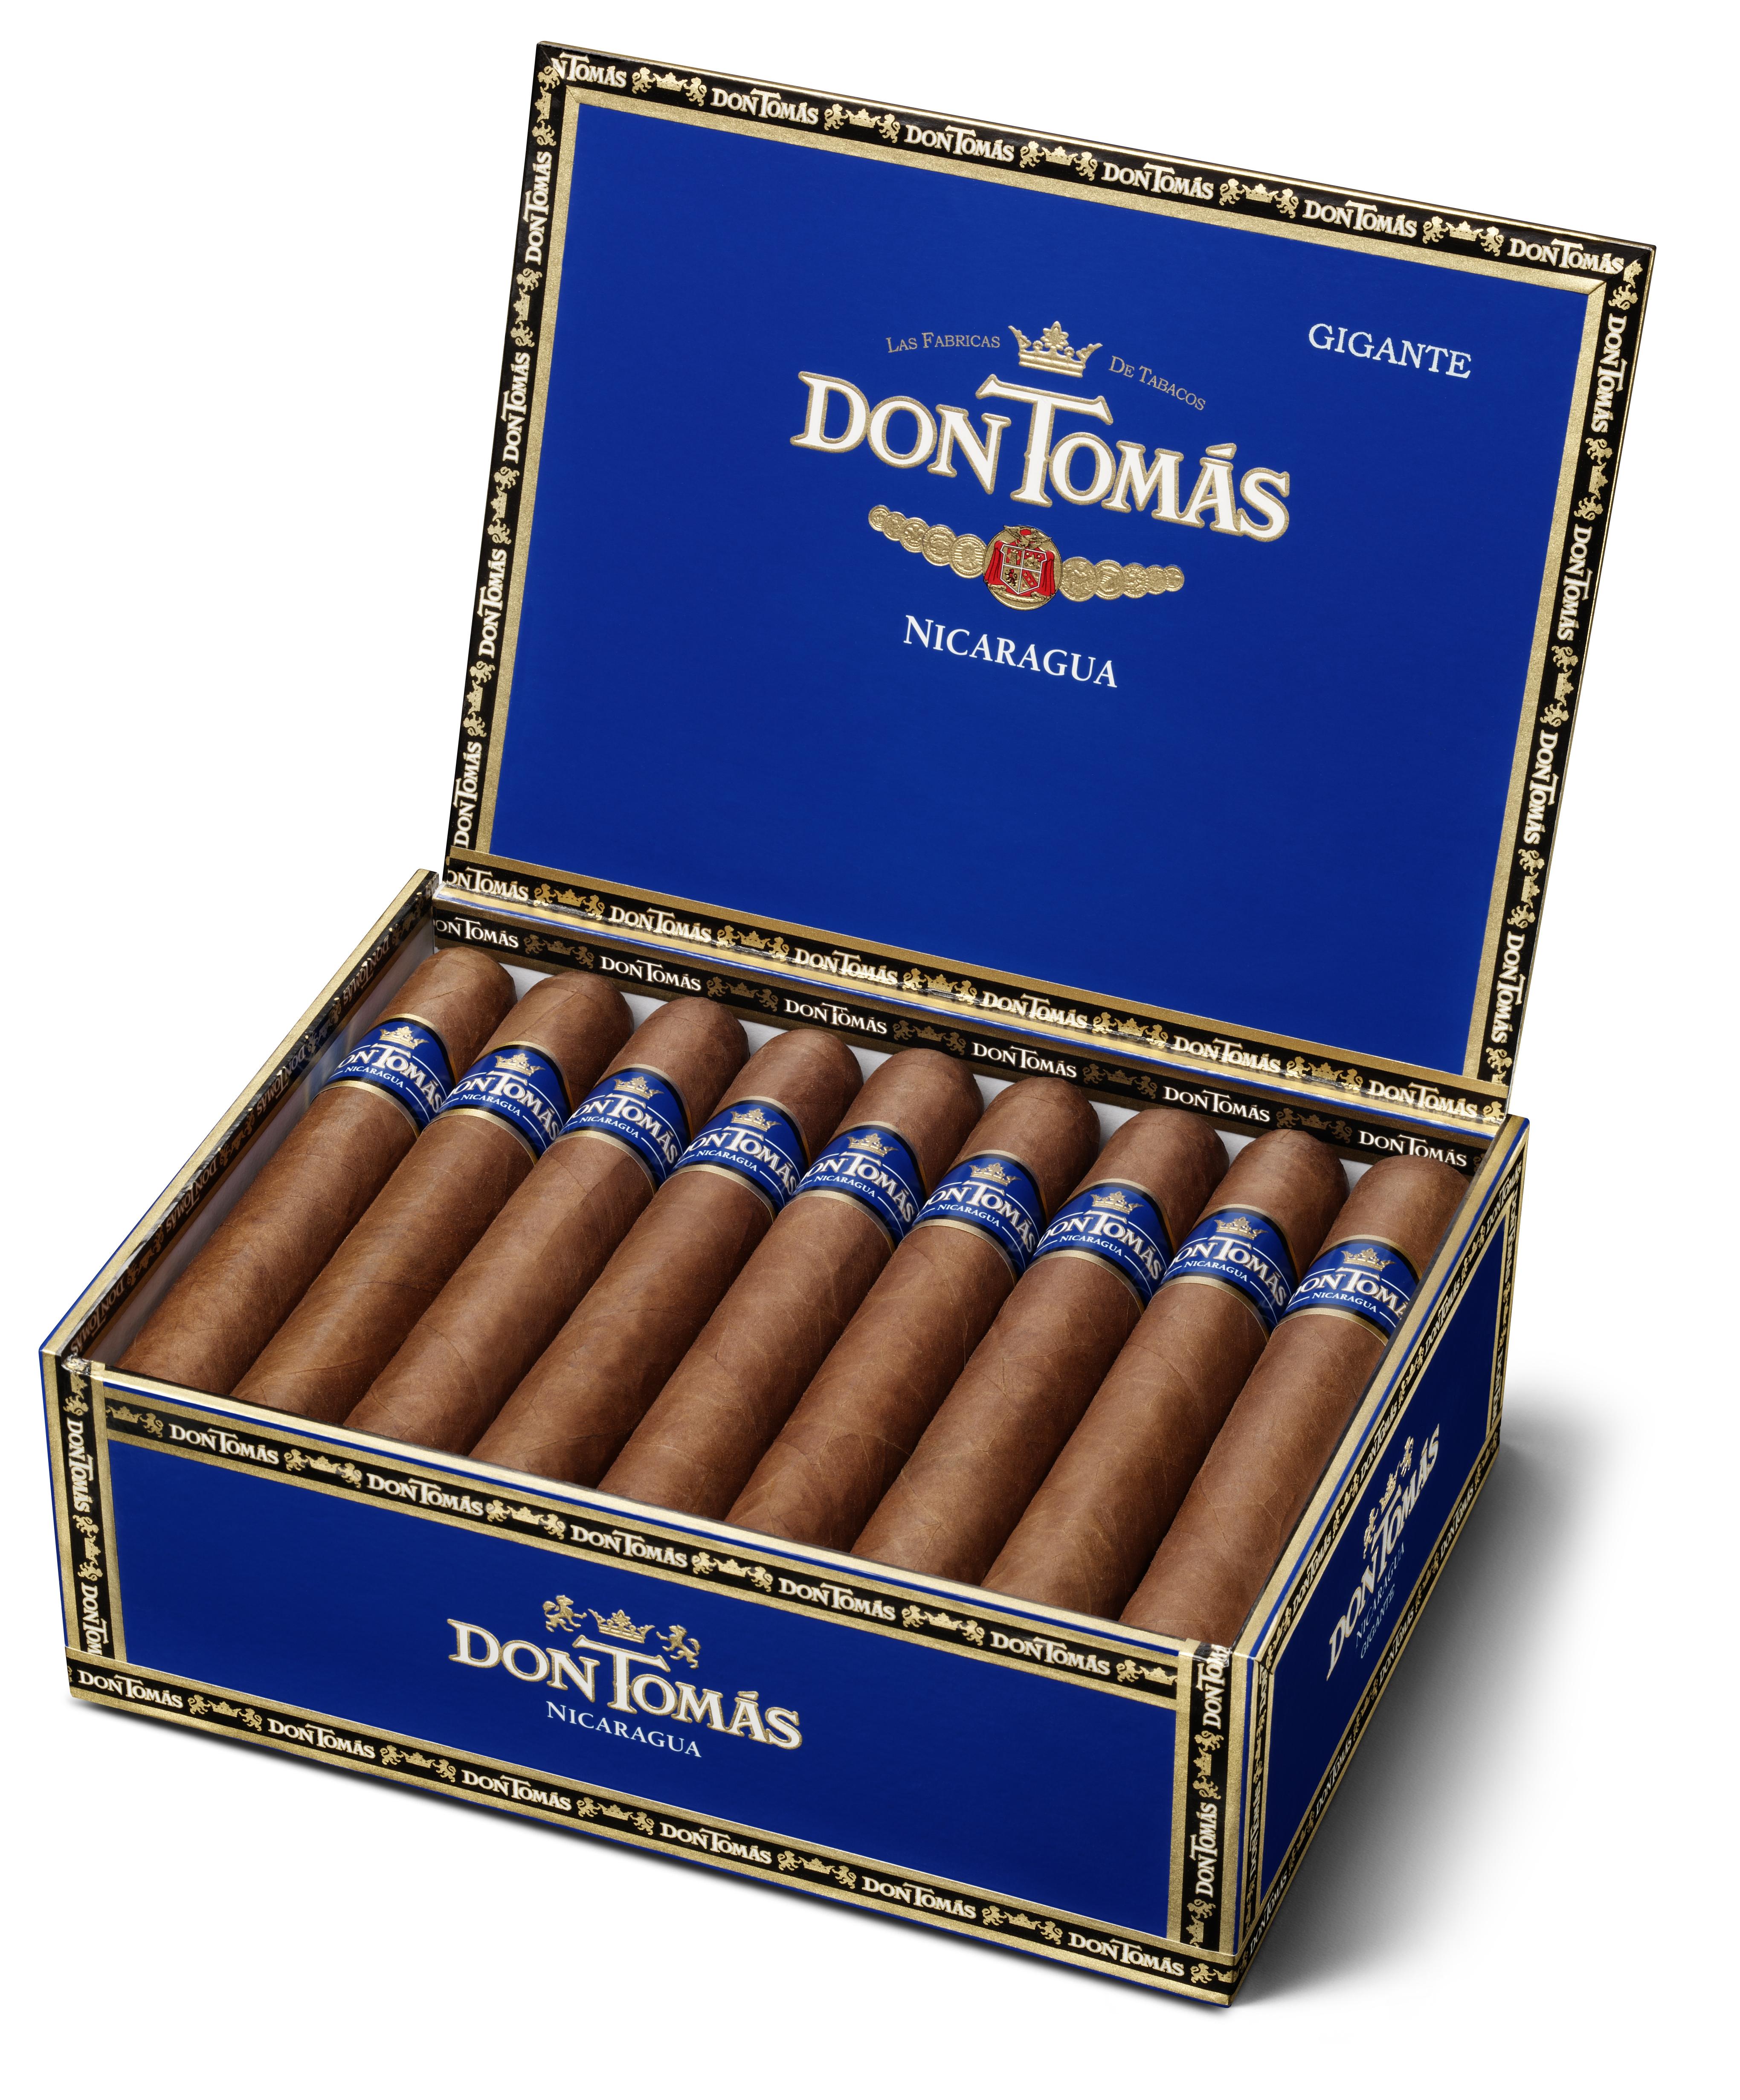 Don Tomas Nicaragua_Gigante_left_open